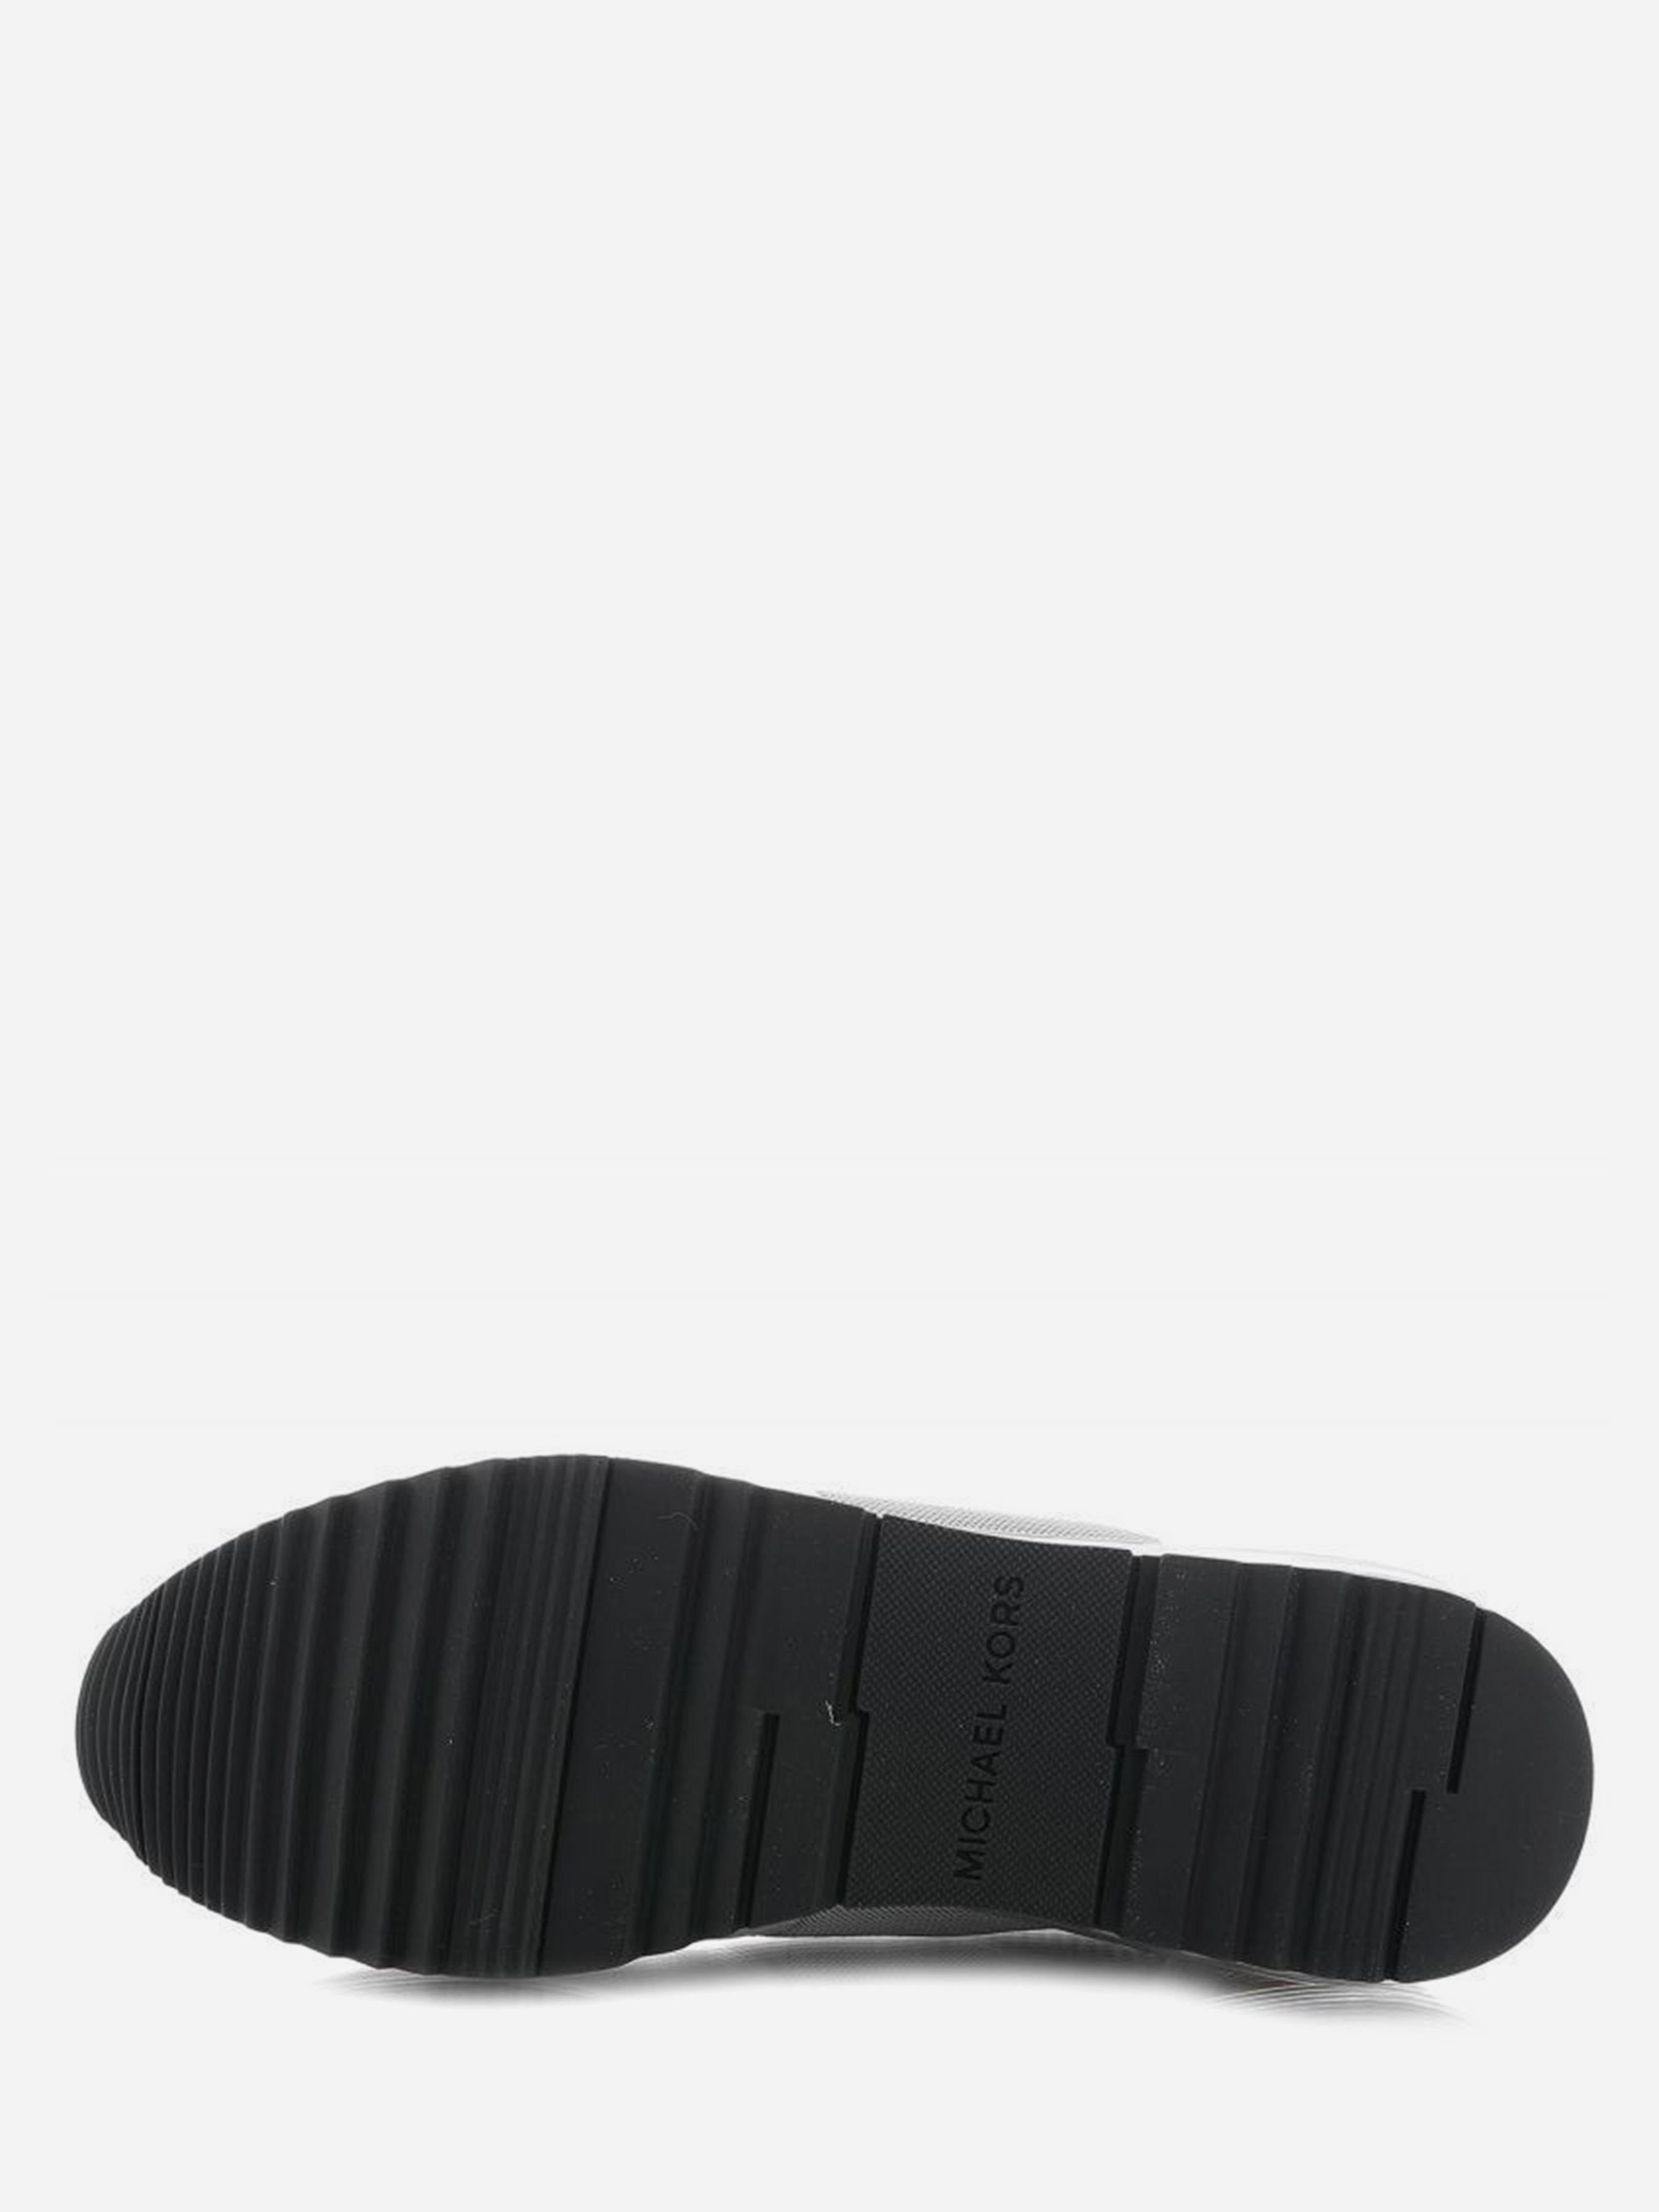 Полуботинки для женщин Michael Kors 4Y8 брендовая обувь, 2017